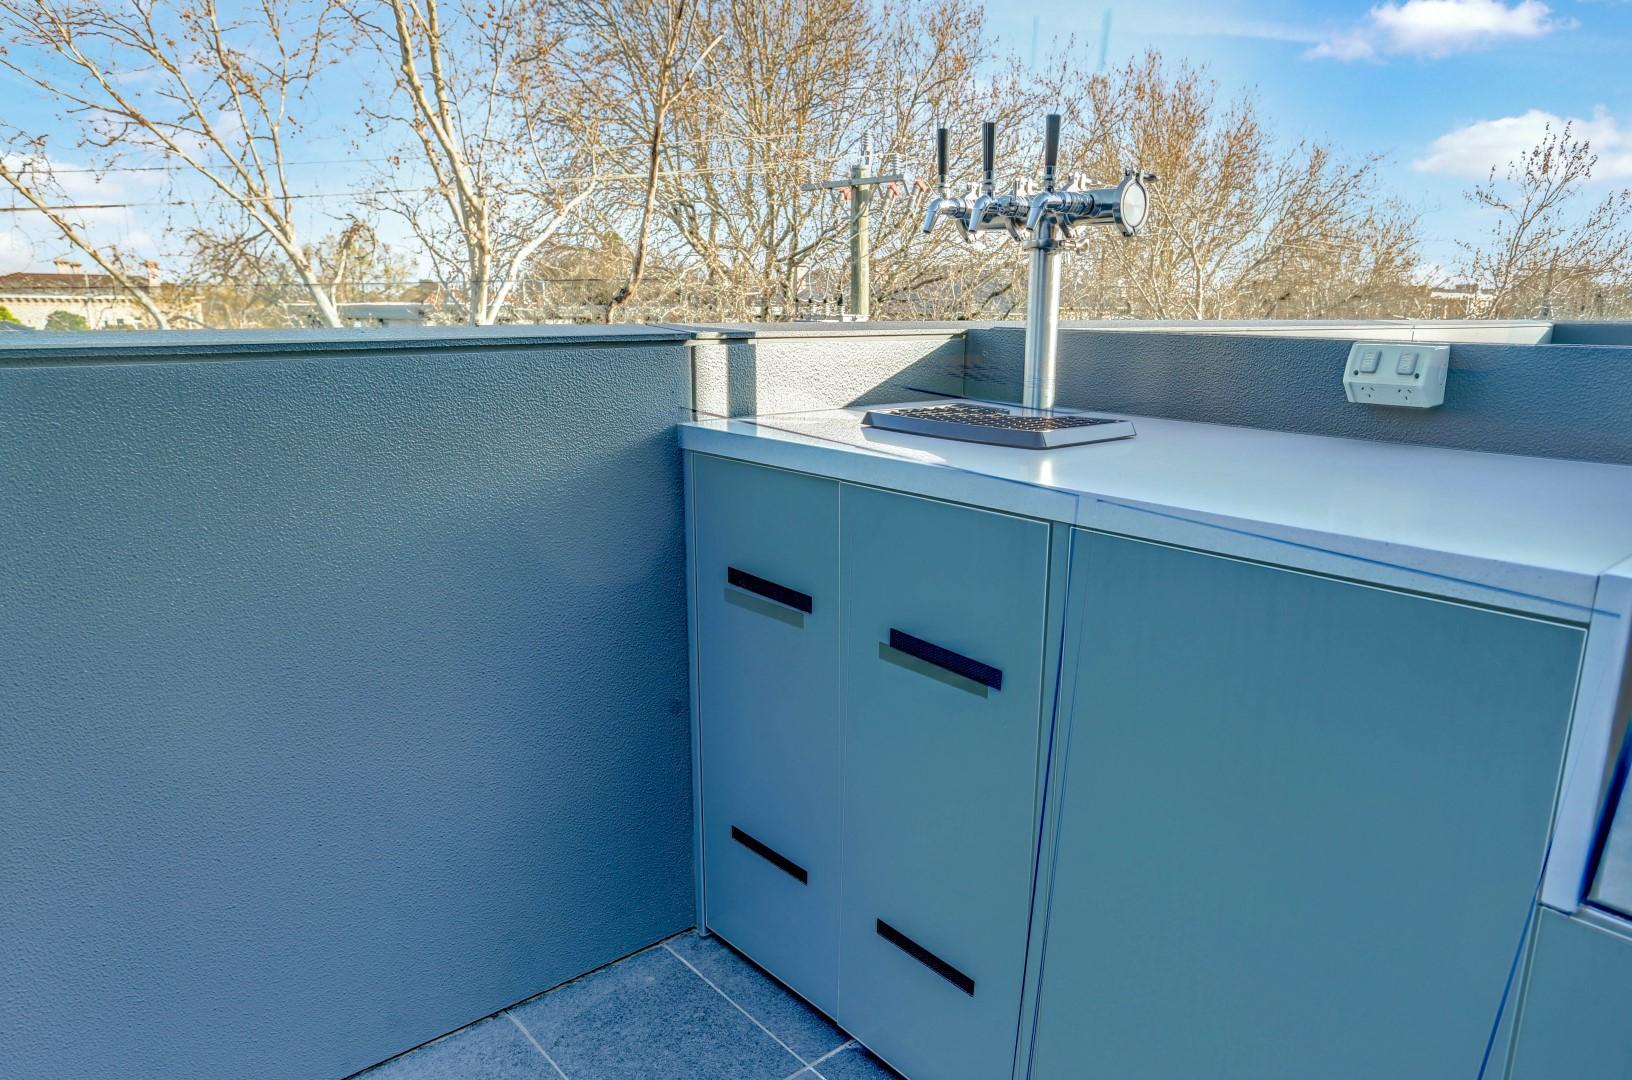 Gasmate 6 BNR BBQ Ash Grey Corian Dove Outdoor Kitchen LR11